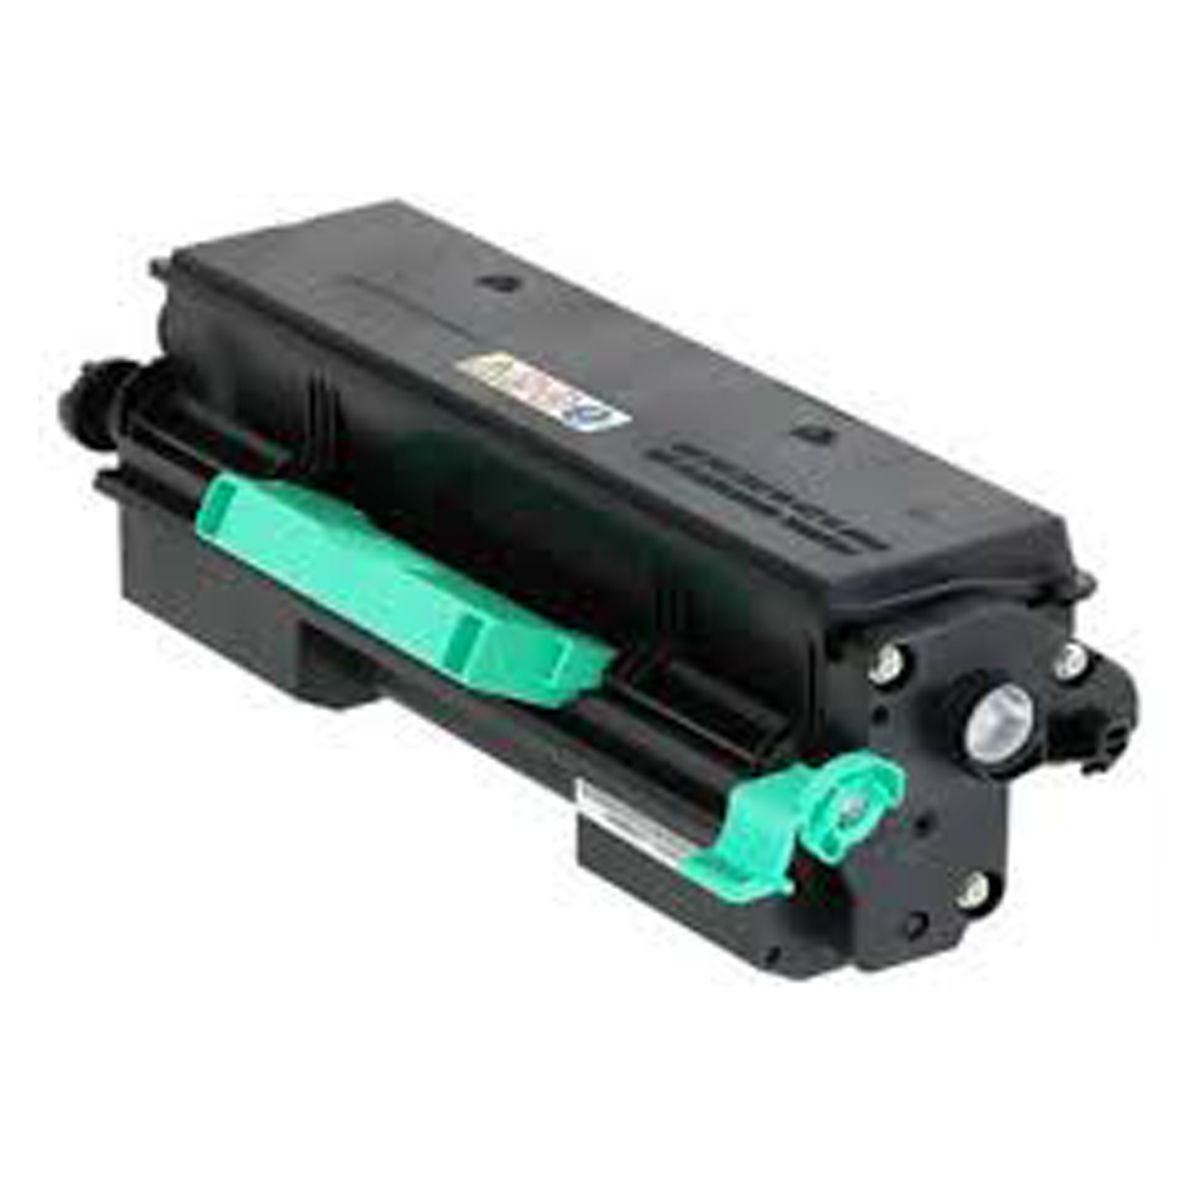 Toner Ricoh SP4500 4510 SP4510 SP4510SF 4510SF SP4500HA - Compatível 6.4k